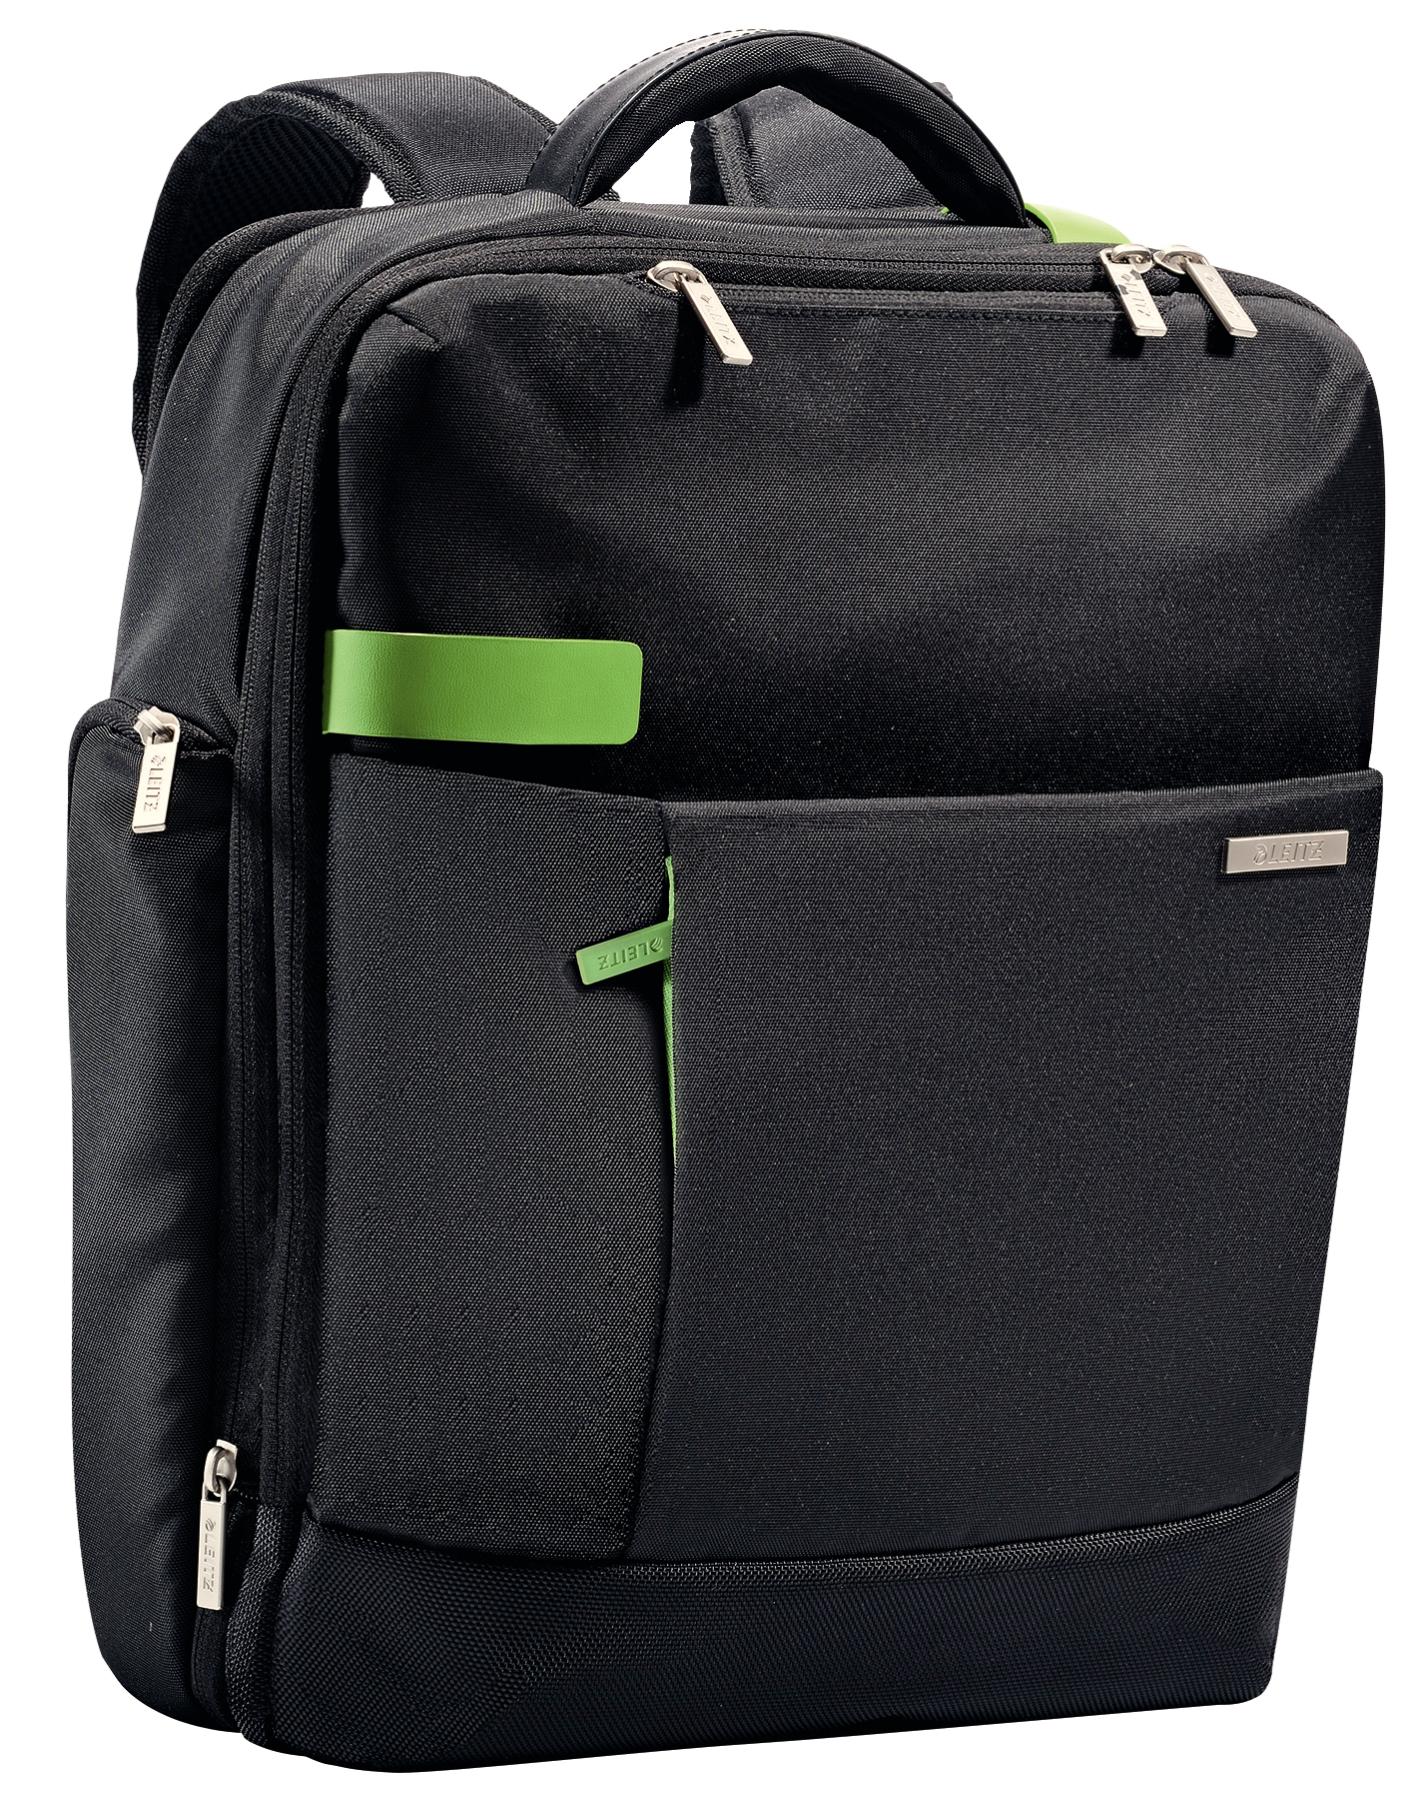 LEITZ Complete 39,6cm 15.6Zoll Rucksack Smart Traveller. Erweiterbar mit ausreichend Platz fuer alle Mobilgeraete. A4 Dokumente und